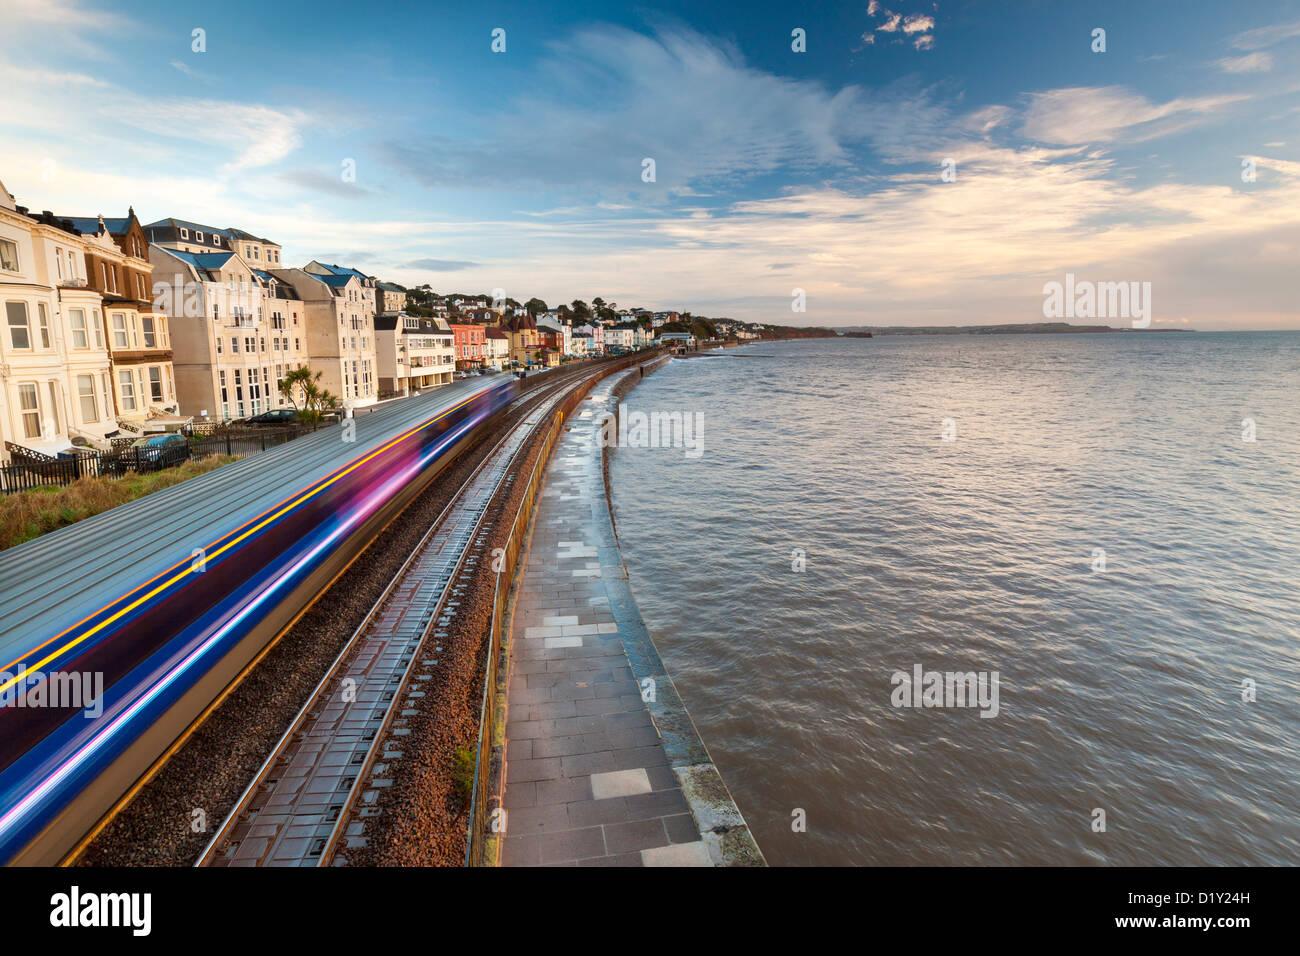 Dawlish seafront and rail track, Devon, England, United Kingdom, Europe. - Stock Image